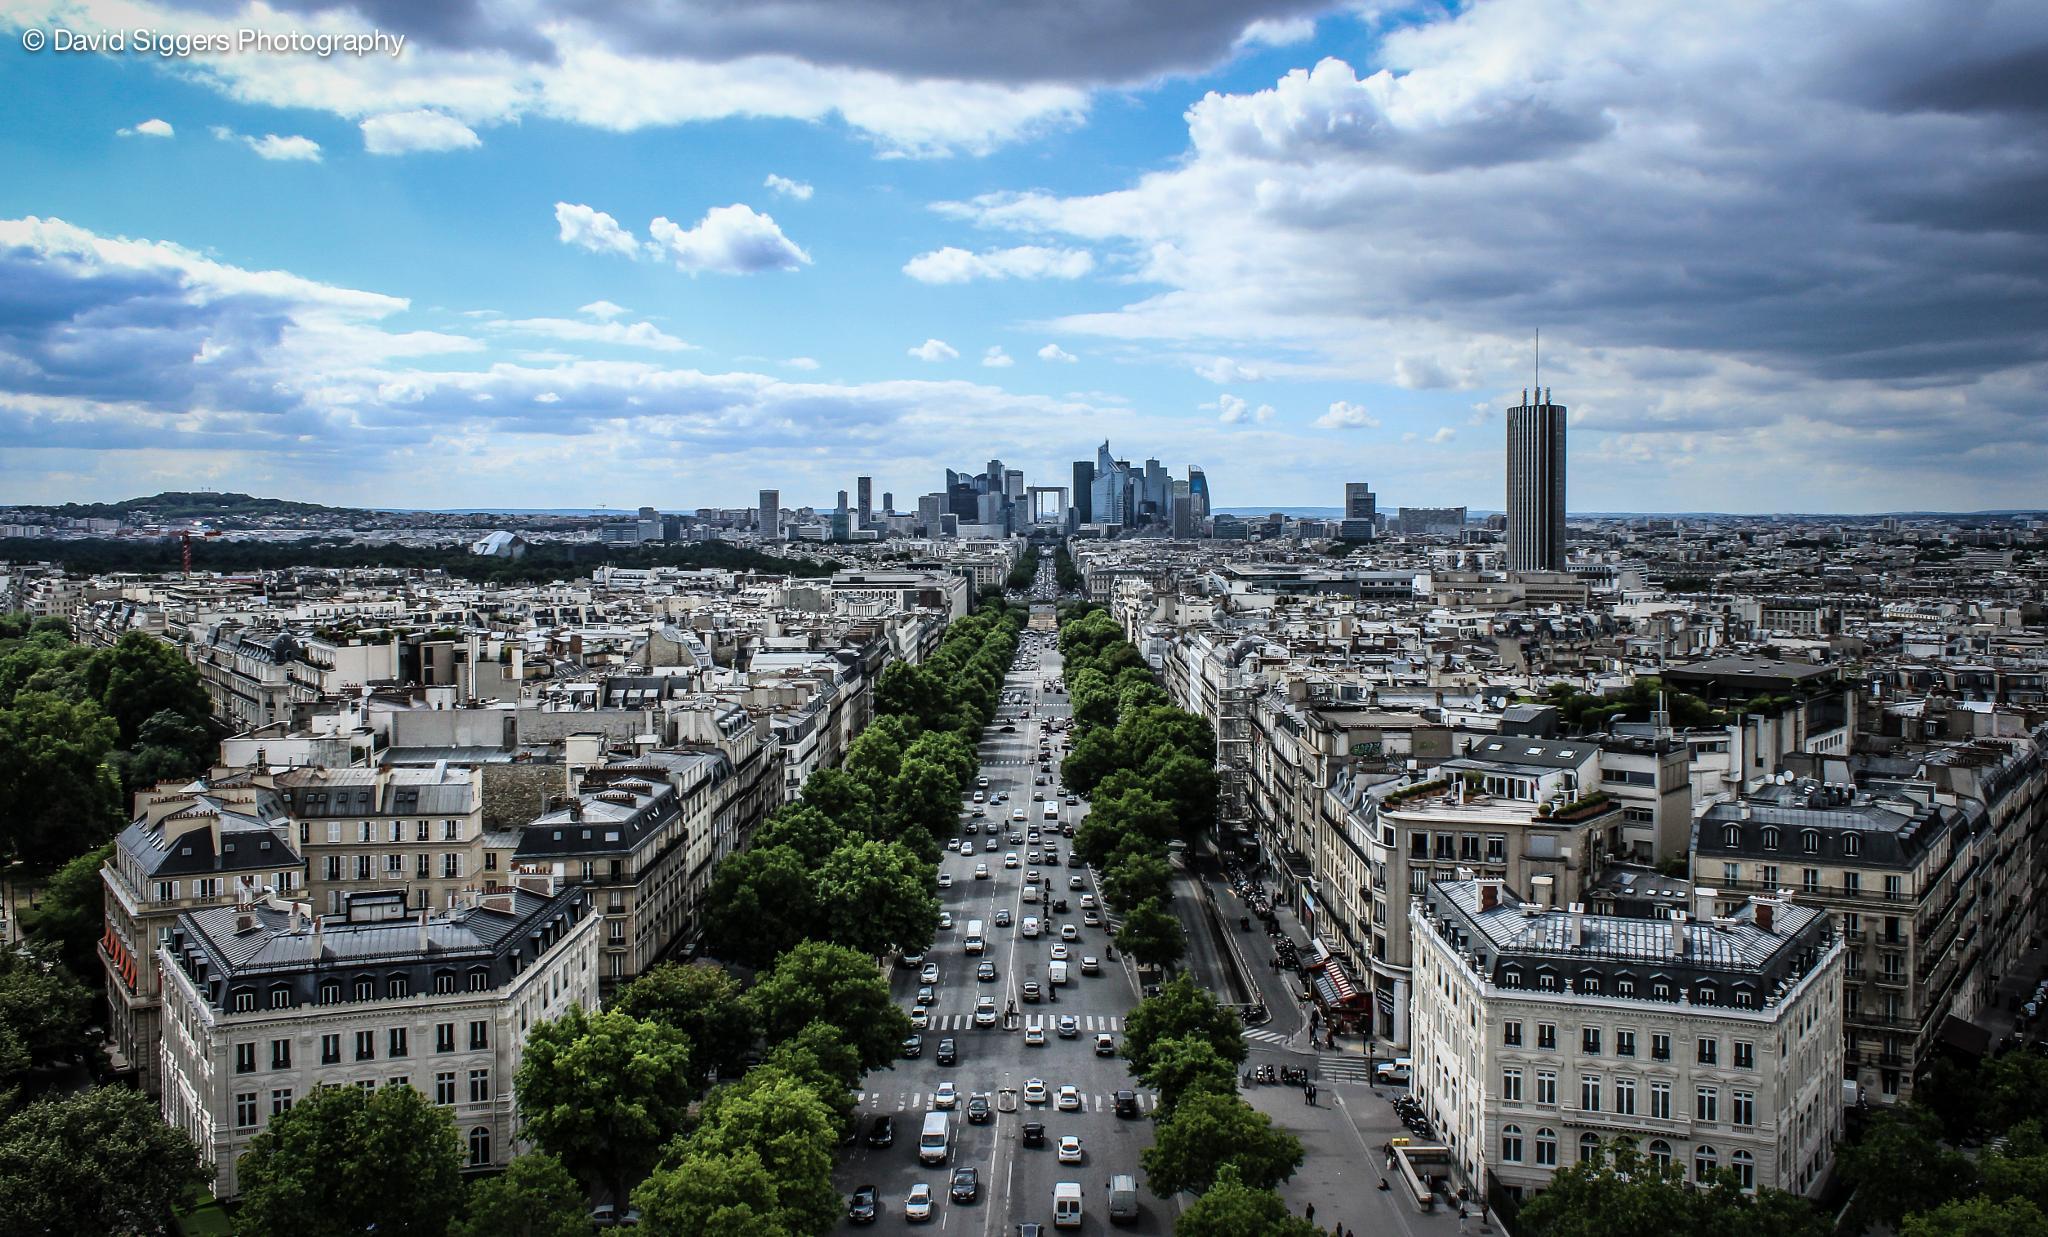 Towards La Grande Arche de la Défense by David Siggers